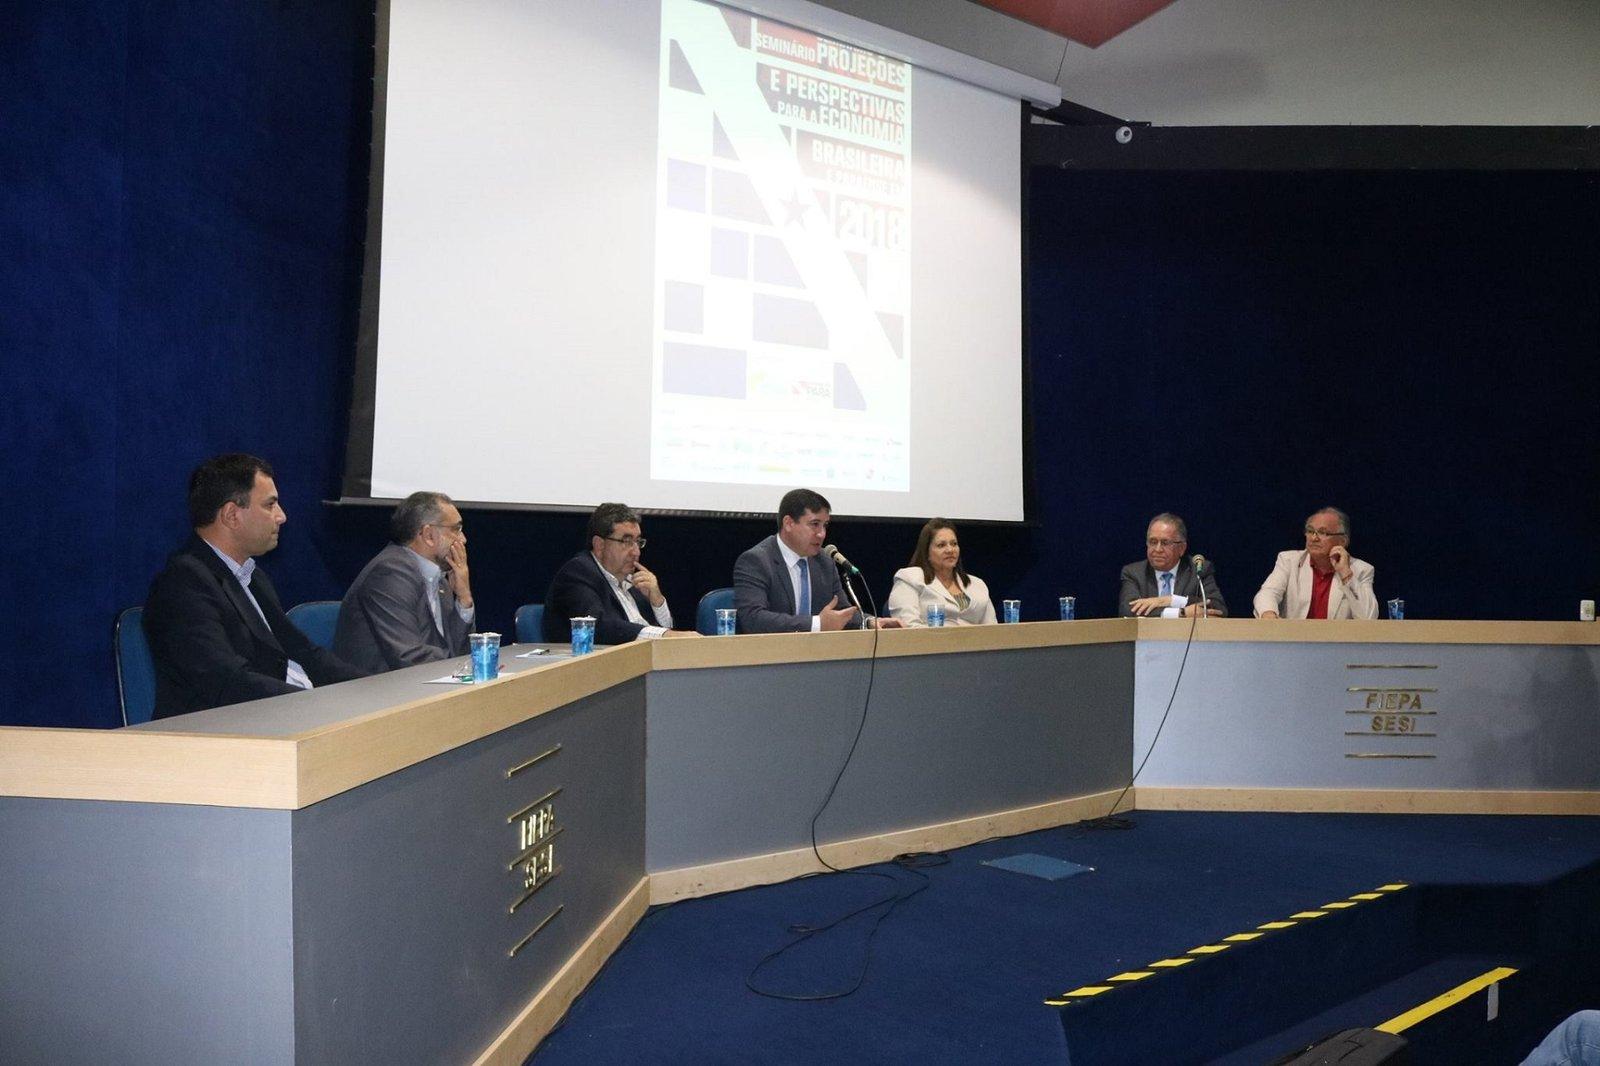 """Fecomércio-PA participa de seminário """"Projeções e Perspectivas para a Economia Brasileira e Paraense"""